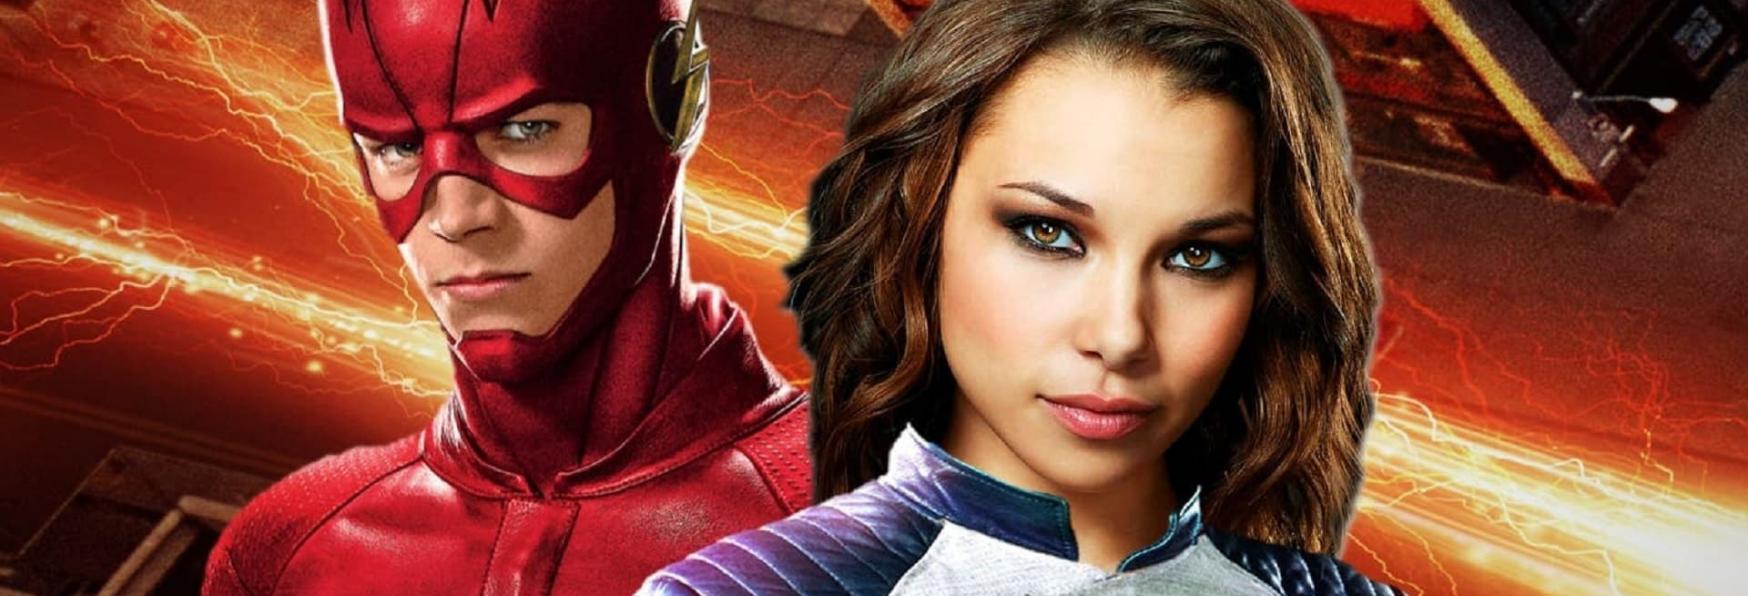 The Flash: la Sesta Stagione della Serie inizierà 10 secondi dopo il Finale della Quinta